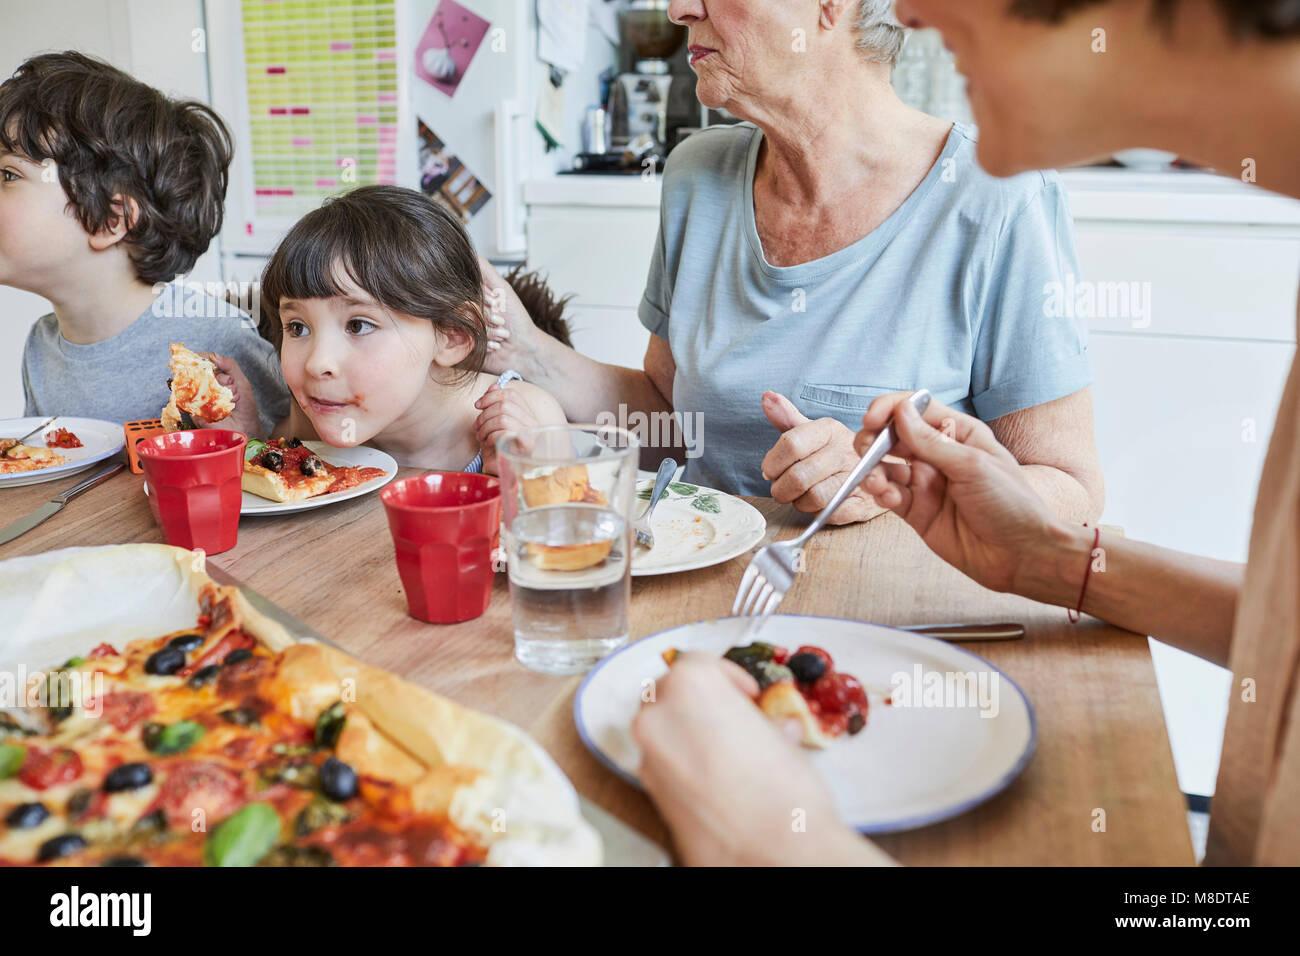 Tres generaciones de la familia sentada a la mesa de la cocina comiendo pizza Imagen De Stock